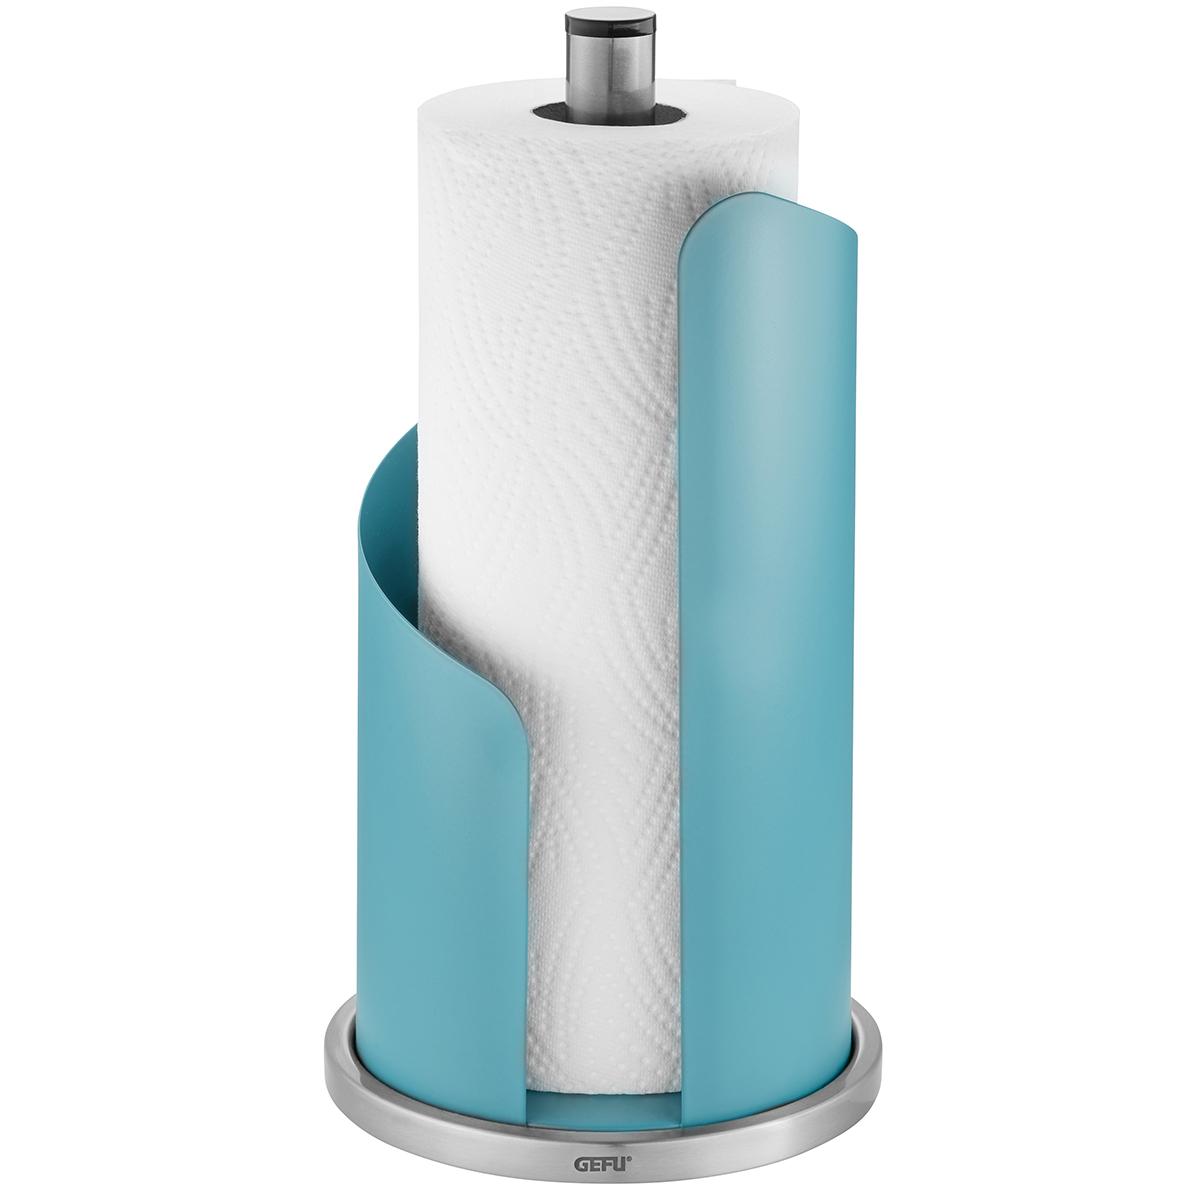 """GEFU Стоманена стойка за кухненска ролка """"CURVE"""" - цвят лазурно синьо"""